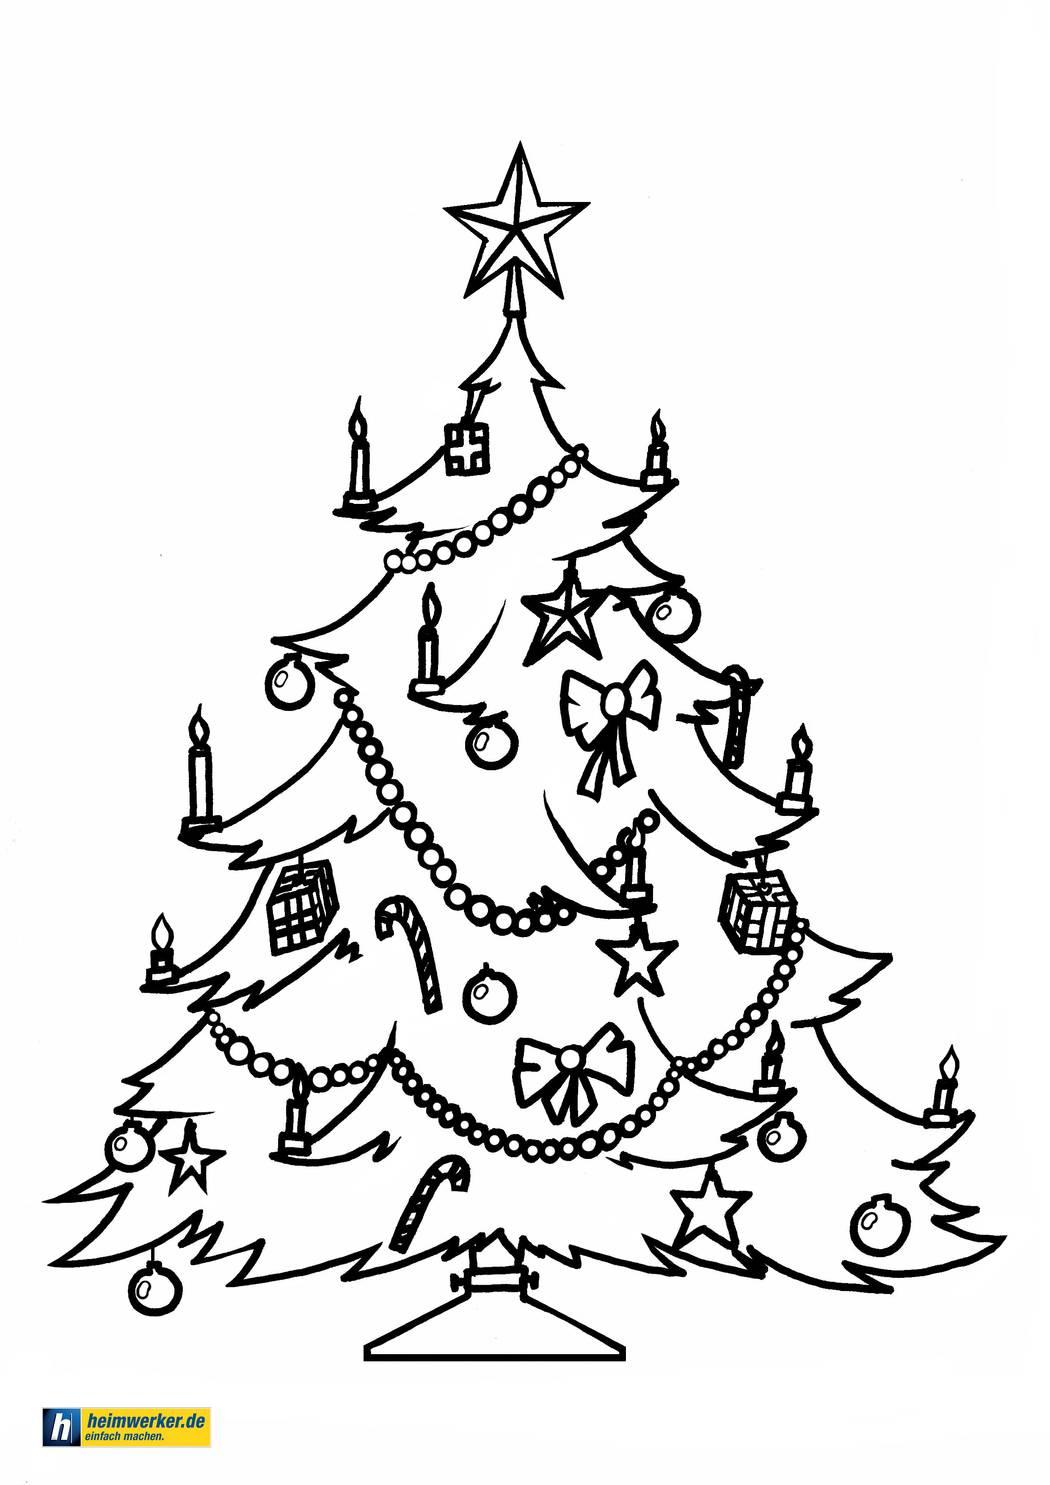 Malvorlagen Zu Weihnachten - Die Schönsten Ausmalbilder Zum mit Weihnachtsbilder Zum Ausdrucken Gratis